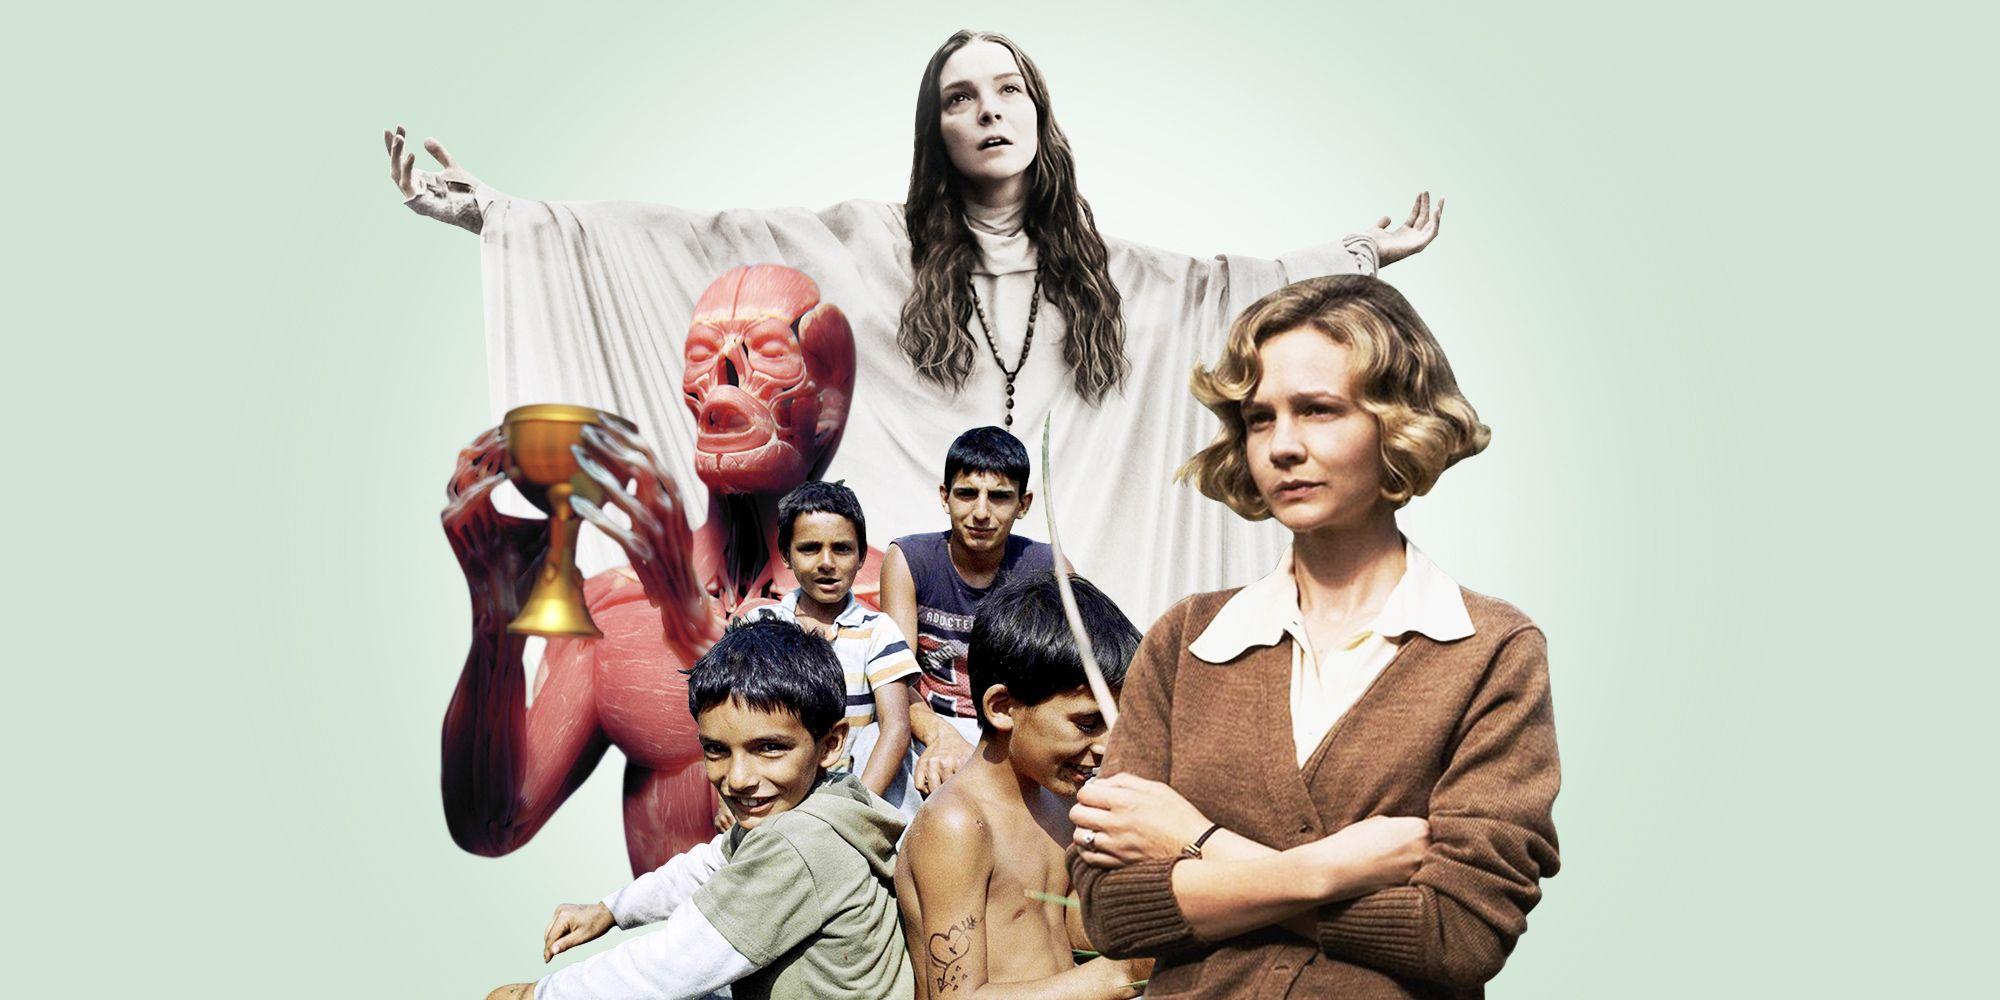 بهترین فیلم های ۲۰۲۱ از نگاه مردم + [ لینک دانلود ]